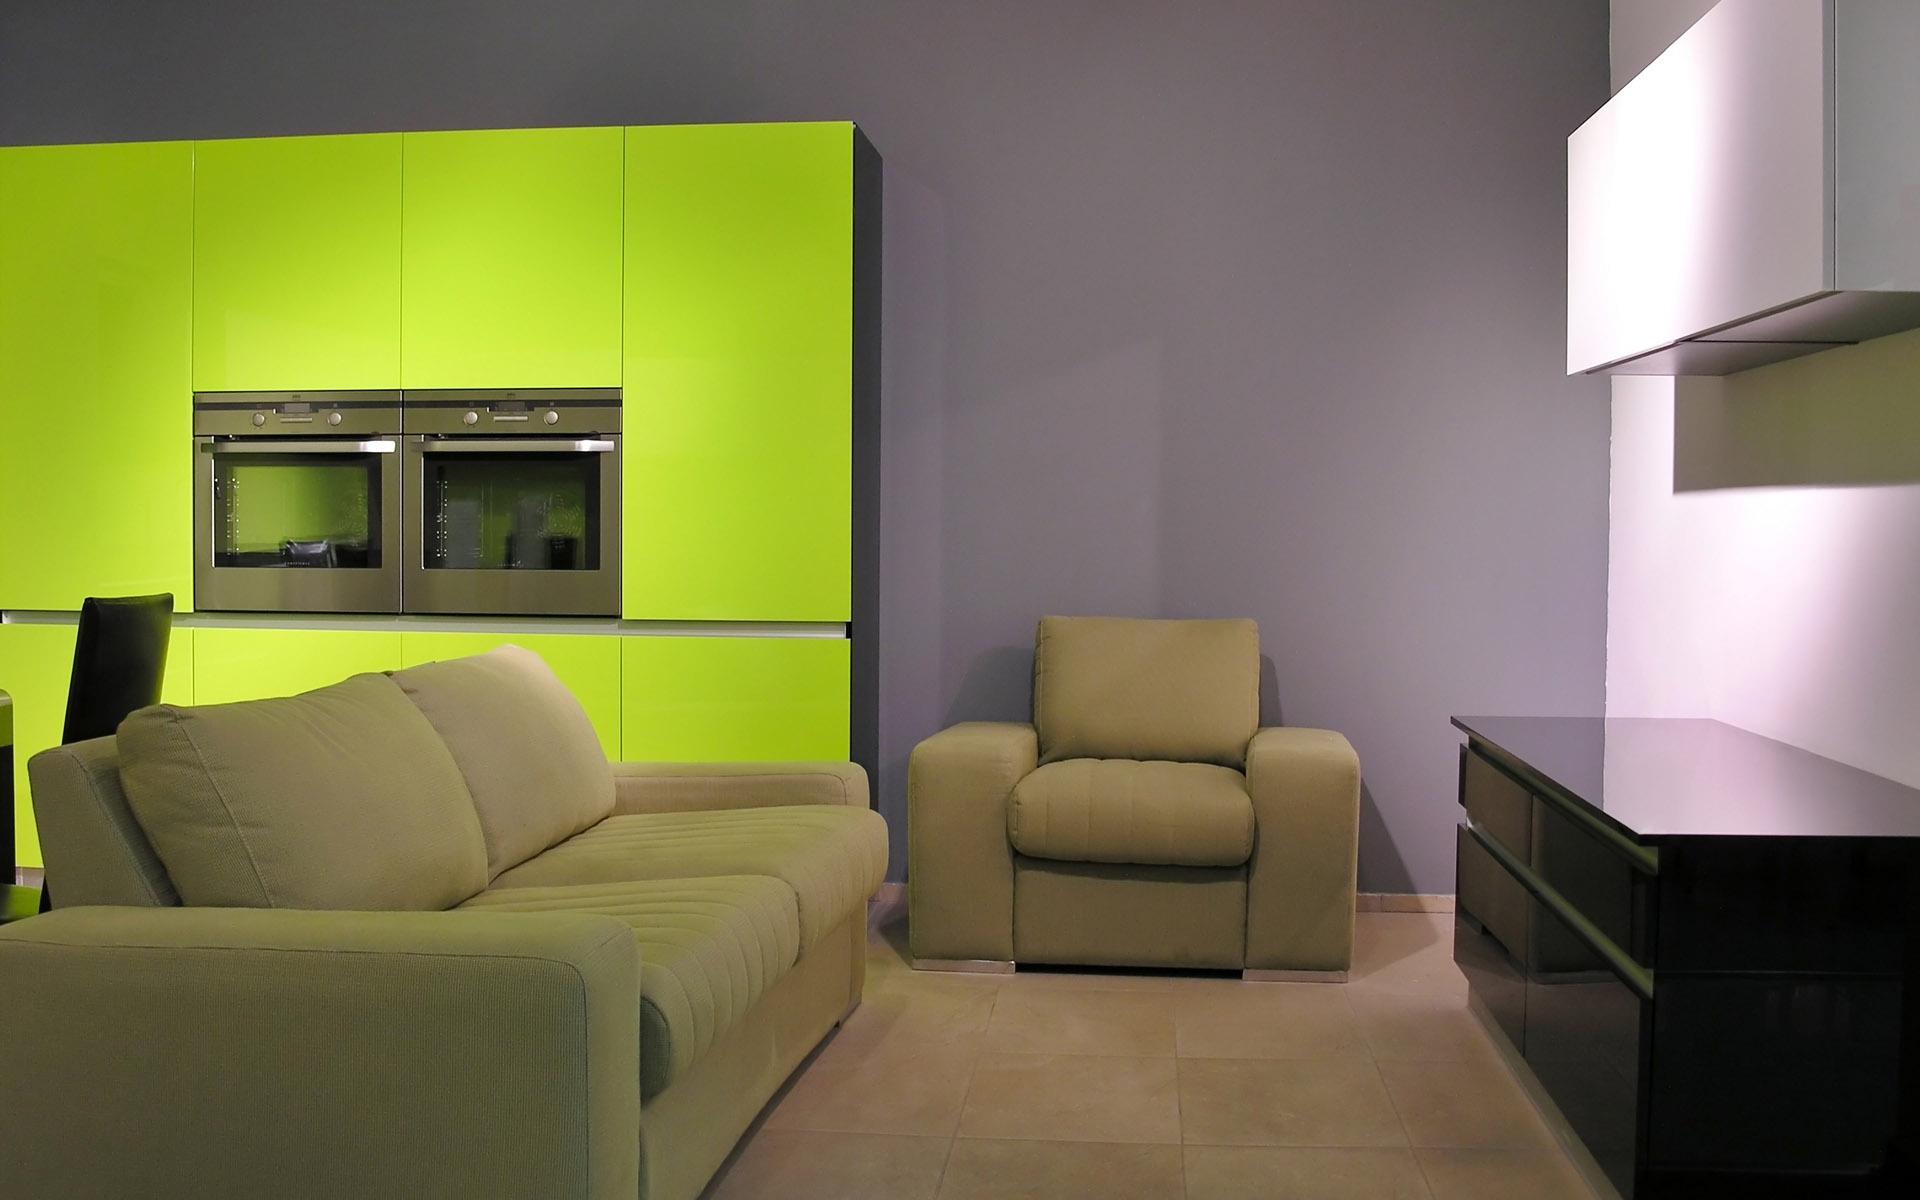 Sfondi camera interno sedia interior design illuminazione